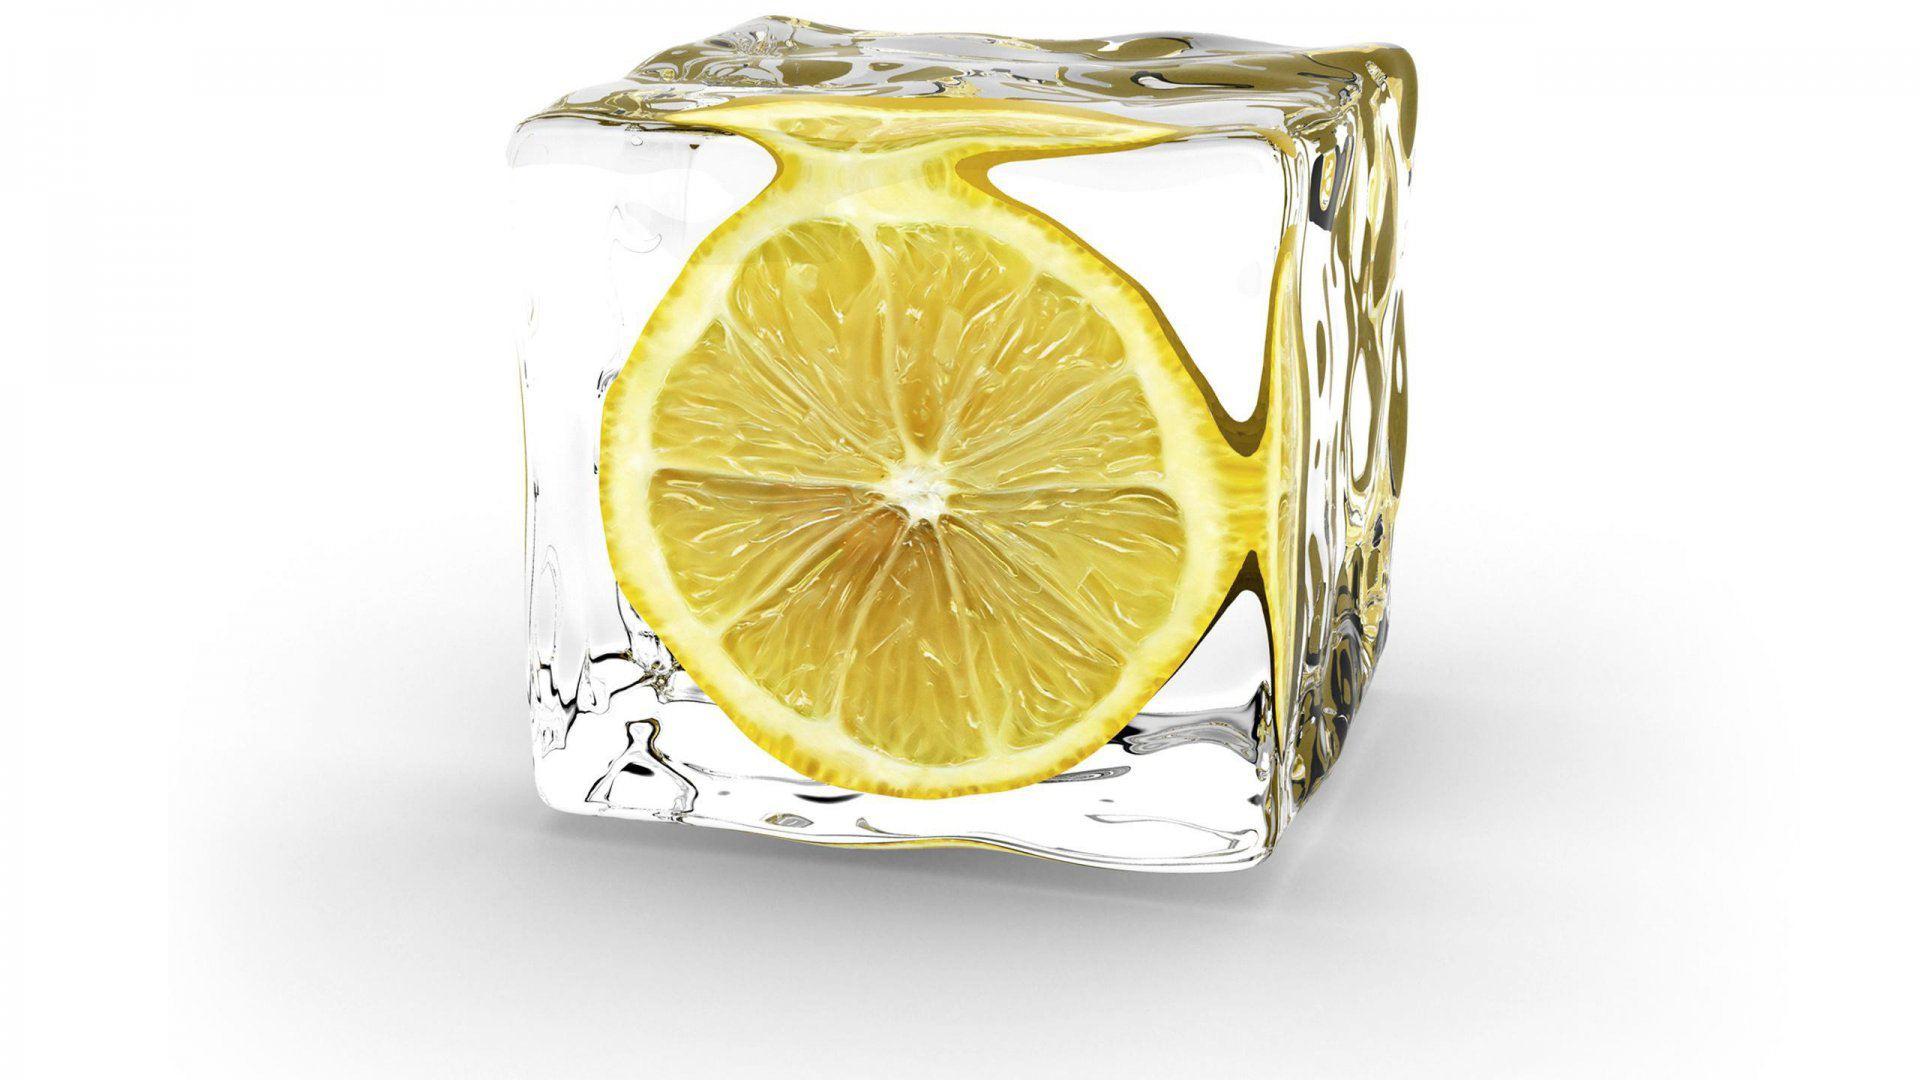 Wallpaper background of lemon slice frozen in an ice cube